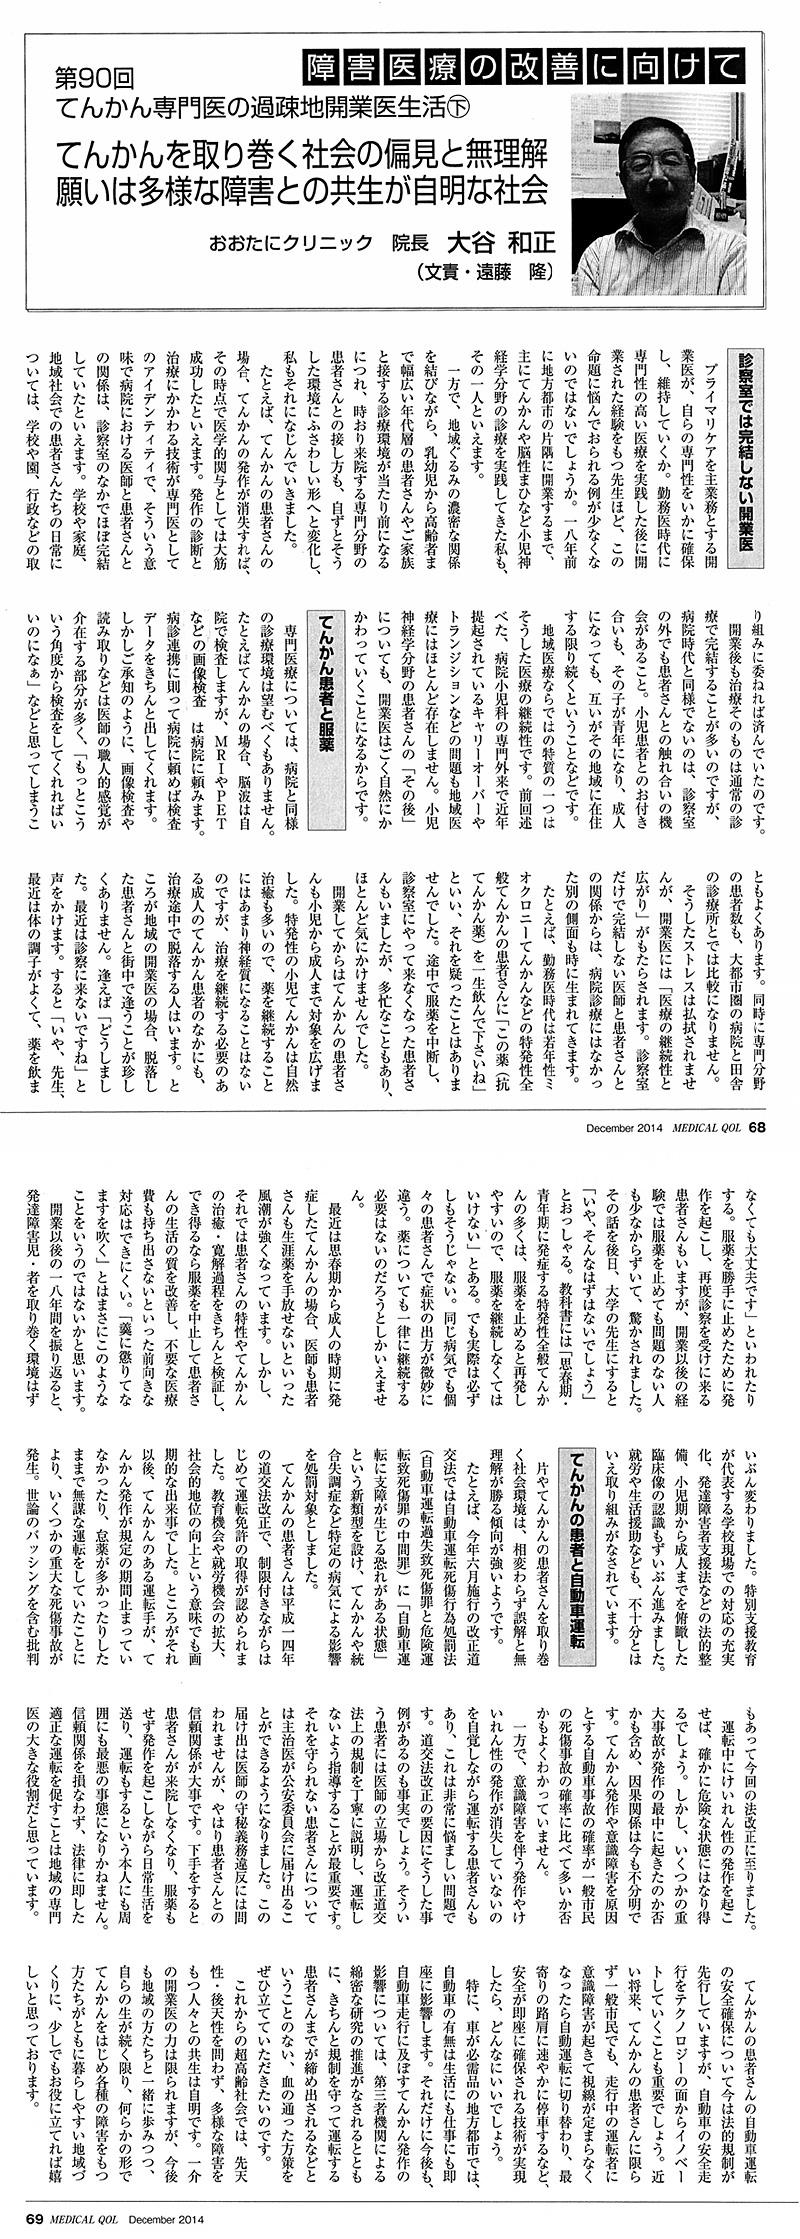 メディカルクオールの記事